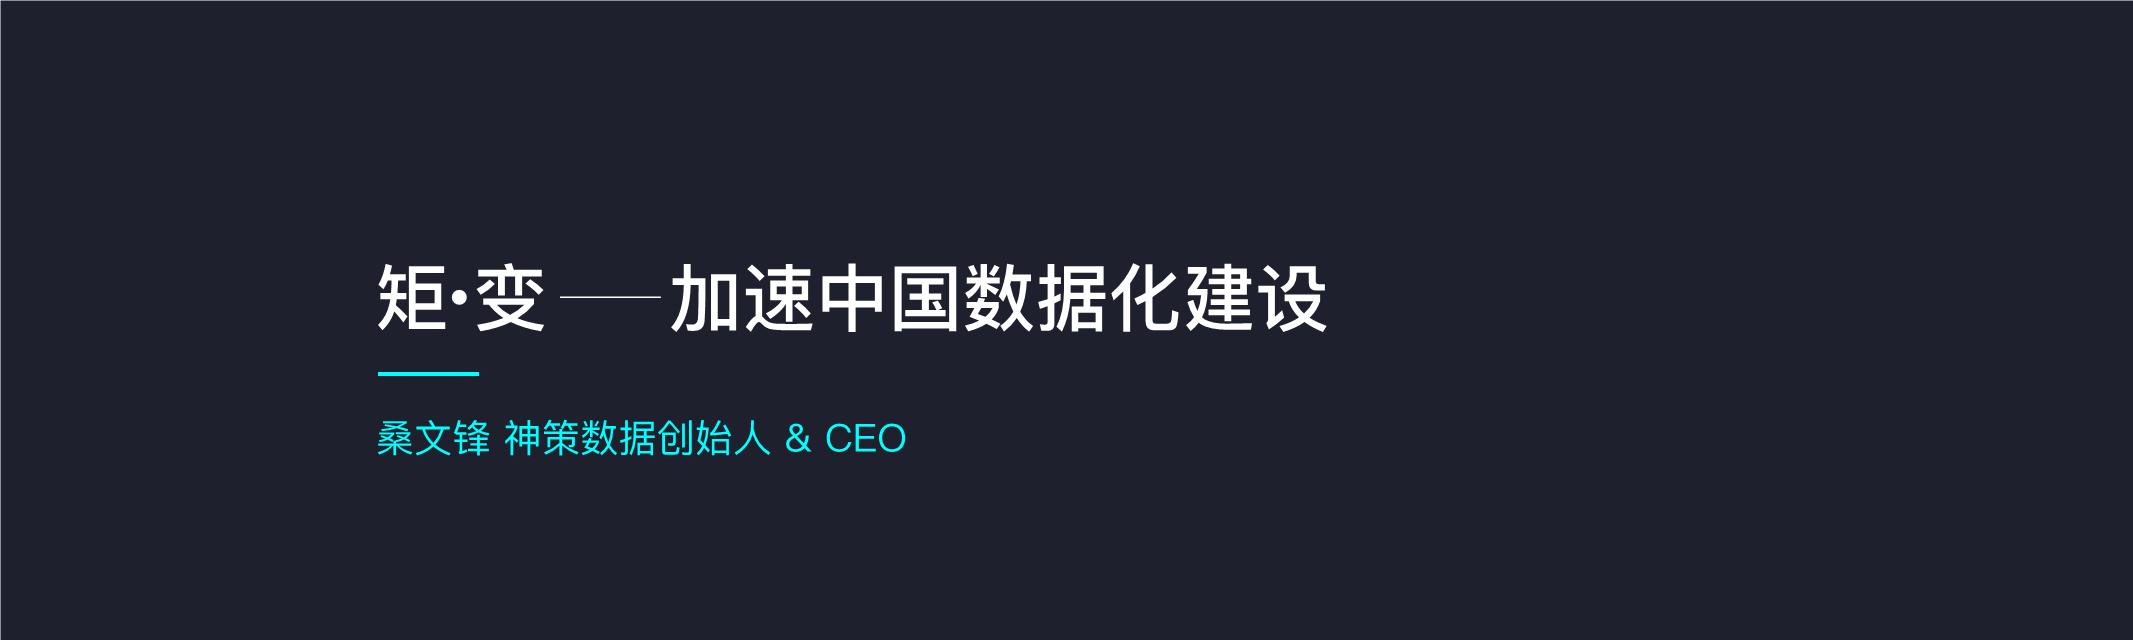 桑文君-矩变加速中国数据化建设